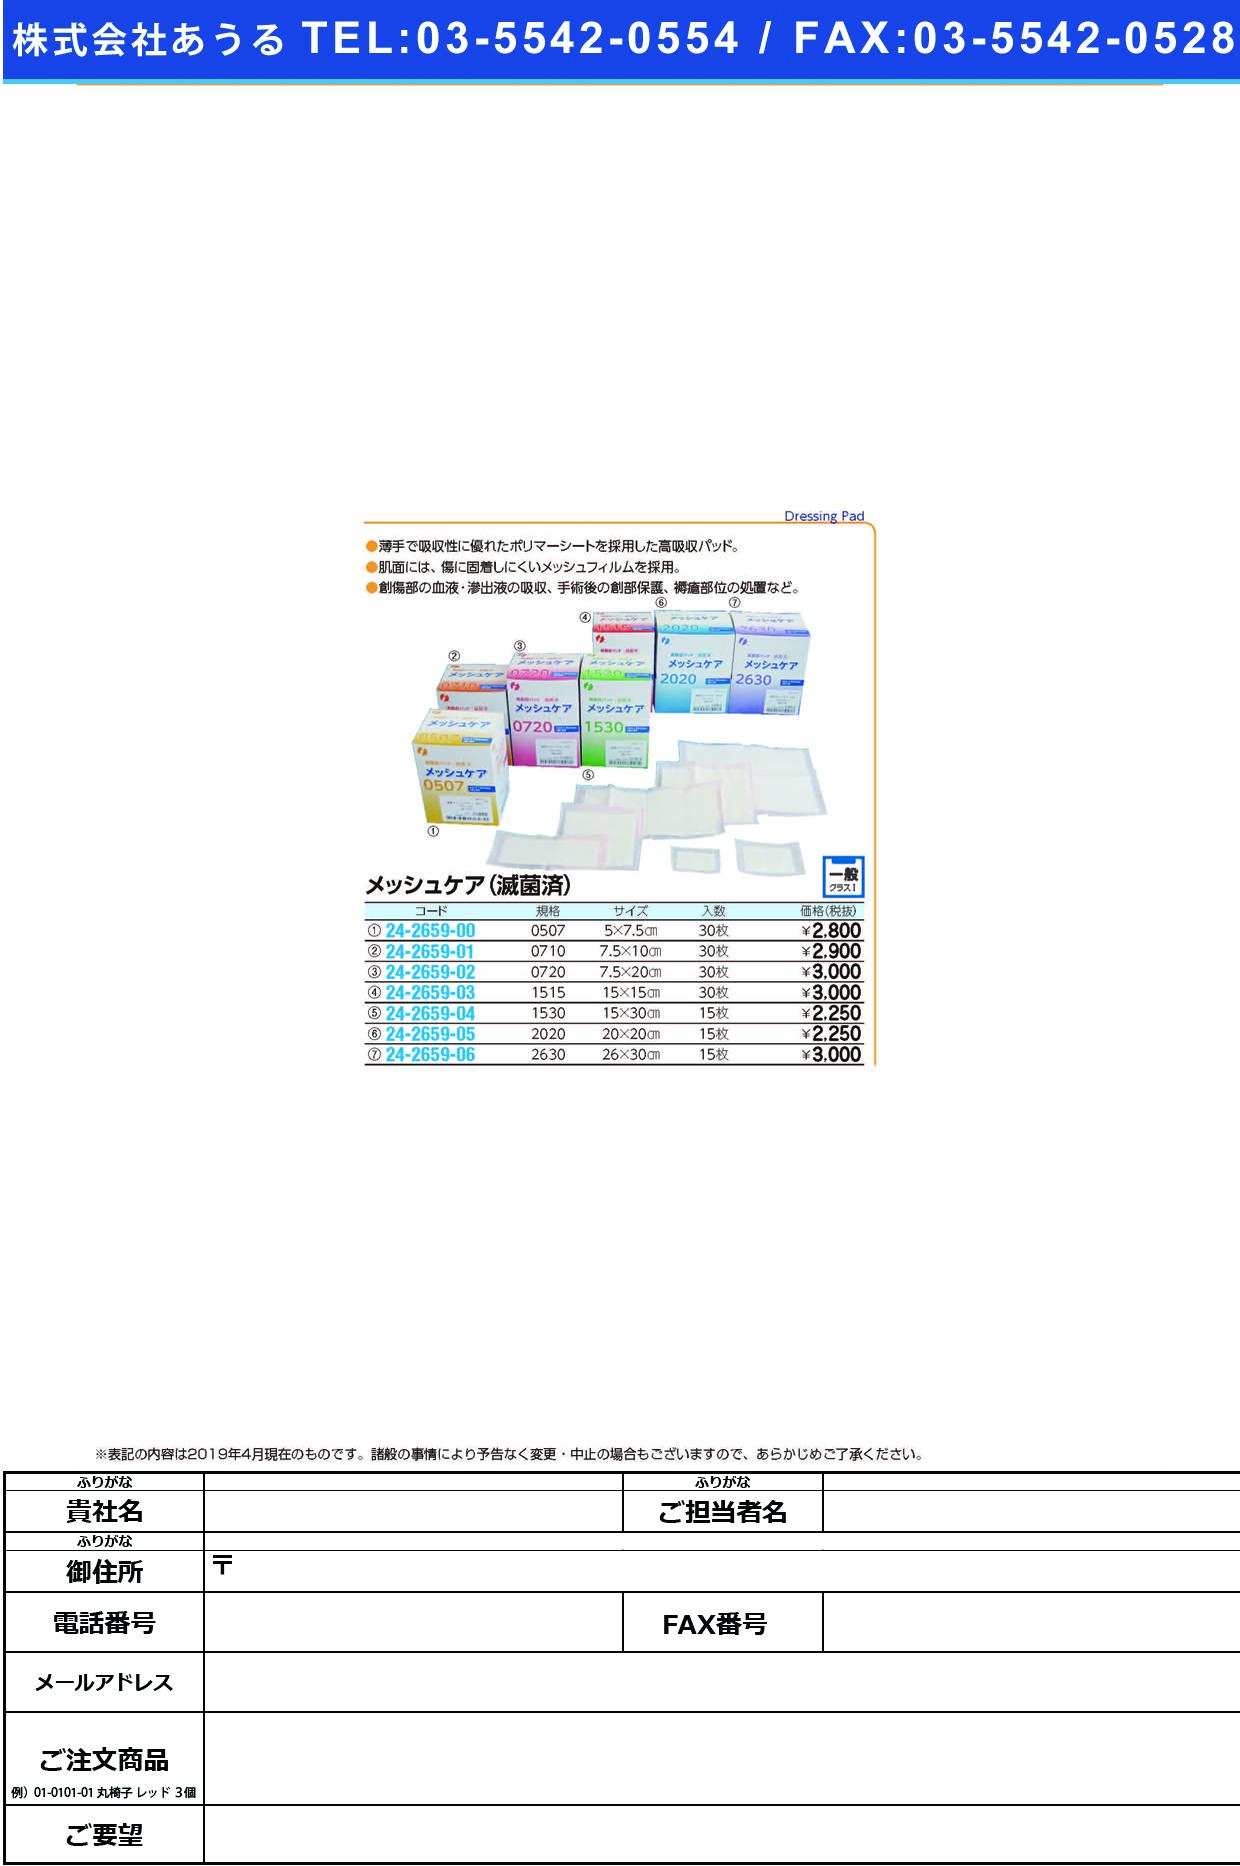 (24-2659-00)メッシュケア0507(滅菌) 5X7.5CM(30マイ) メッシュケア(イワツキ)【1箱単位】【2019年カタログ商品】